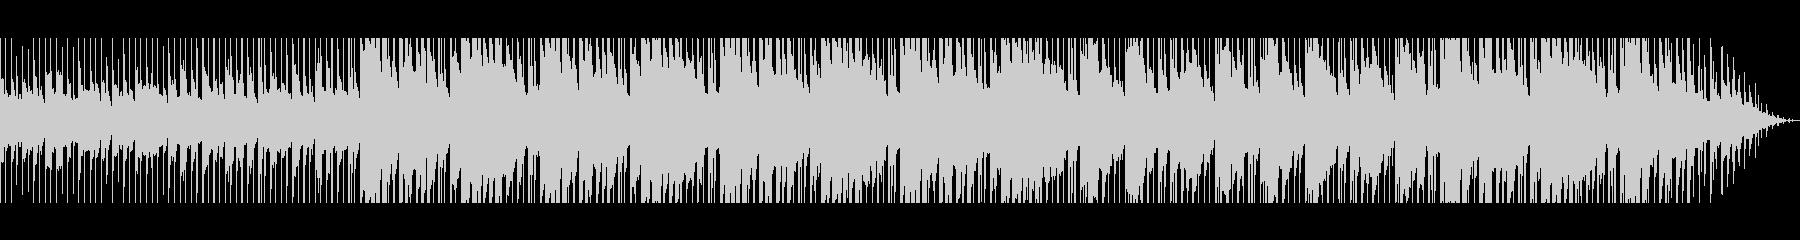 和 春 琴 可愛い ほのぼの マリンバの未再生の波形